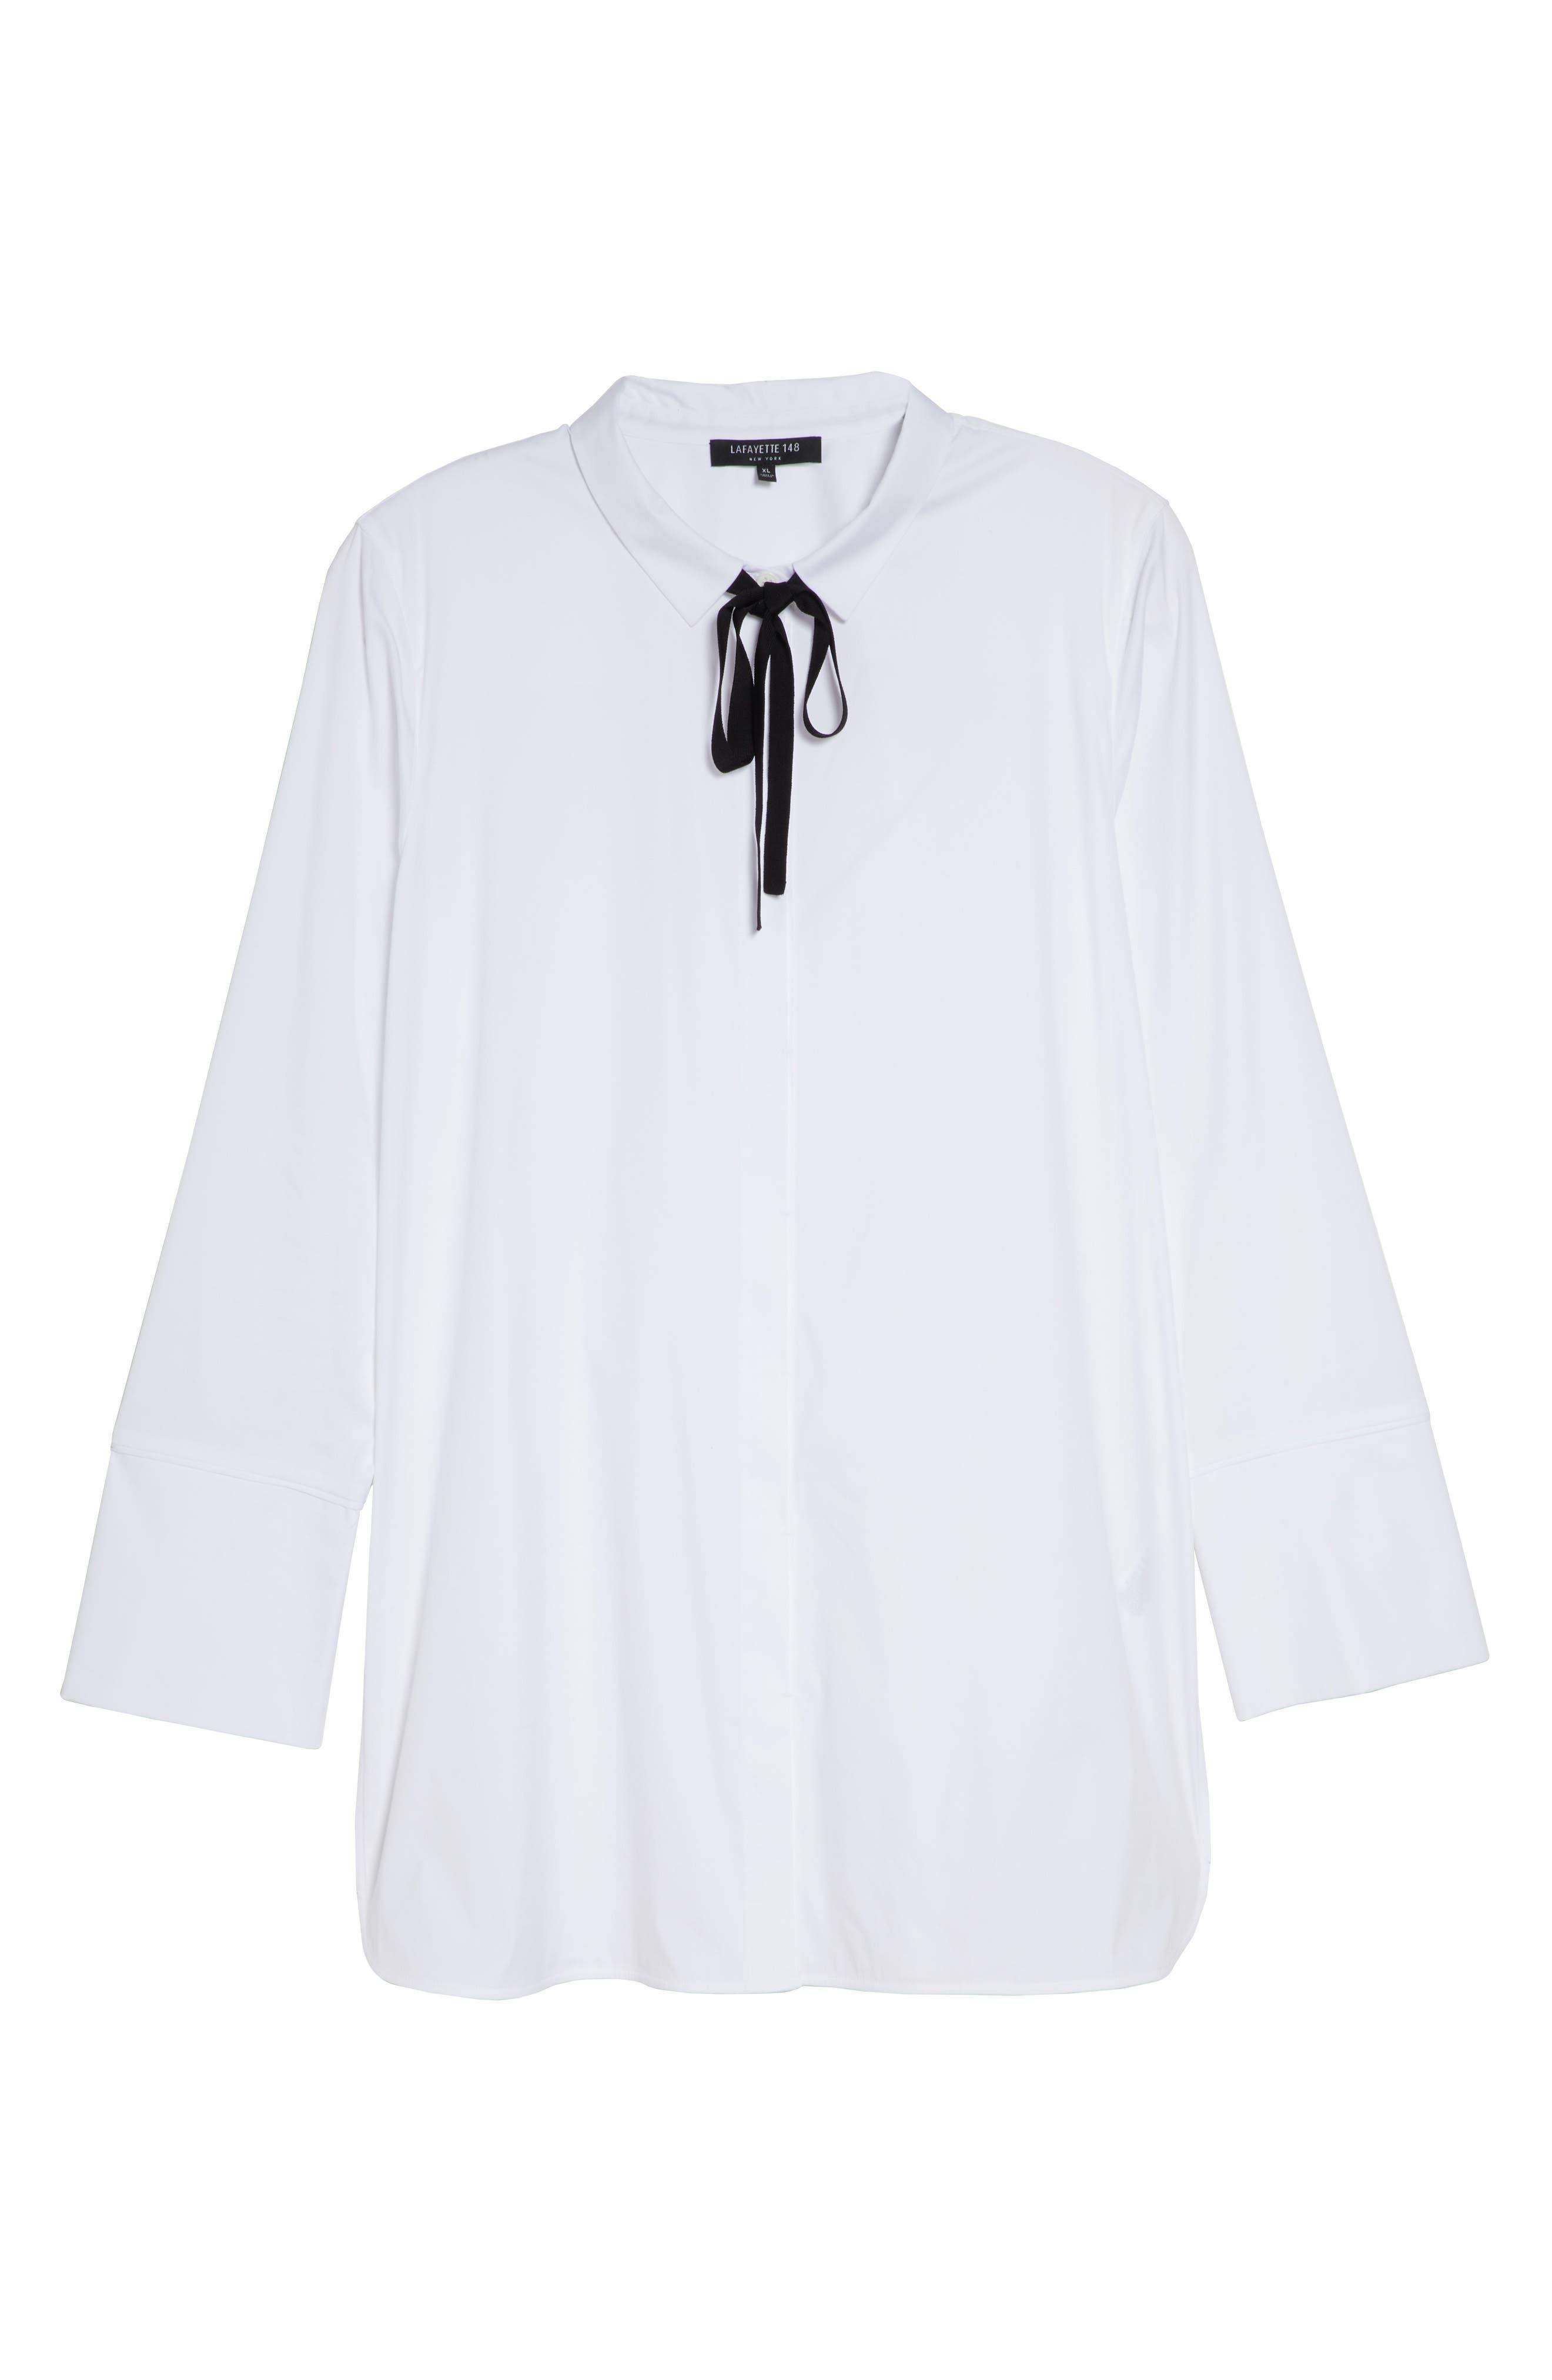 Annaliese Shirt,                             Alternate thumbnail 14, color,                             WHITE